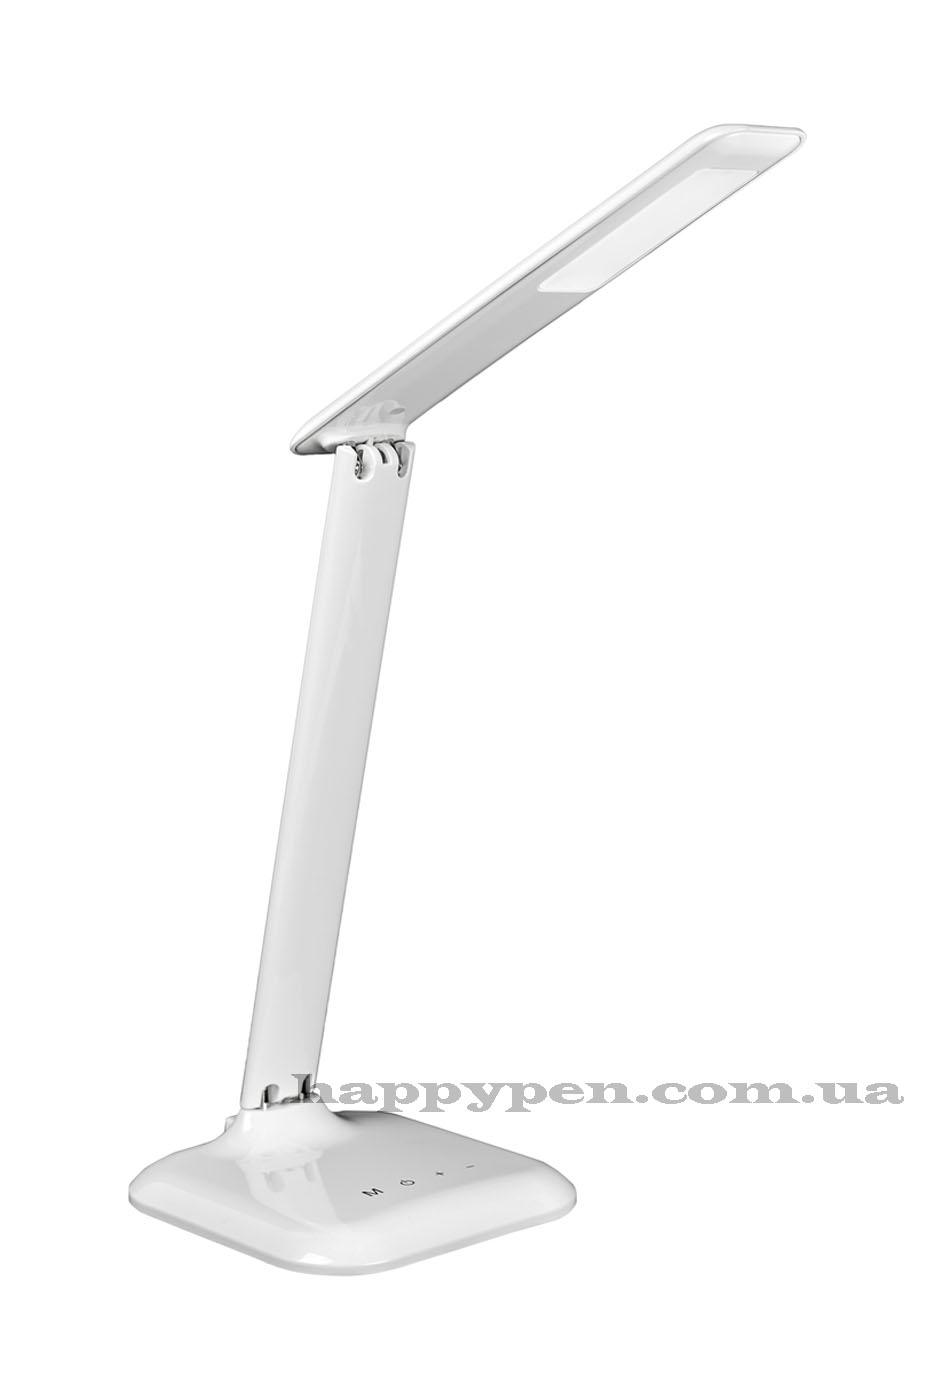 Светильник настольный на  подставке LED DELUX TF-130 3000К/6000К 7Вт, бел. DeLux - фото 1